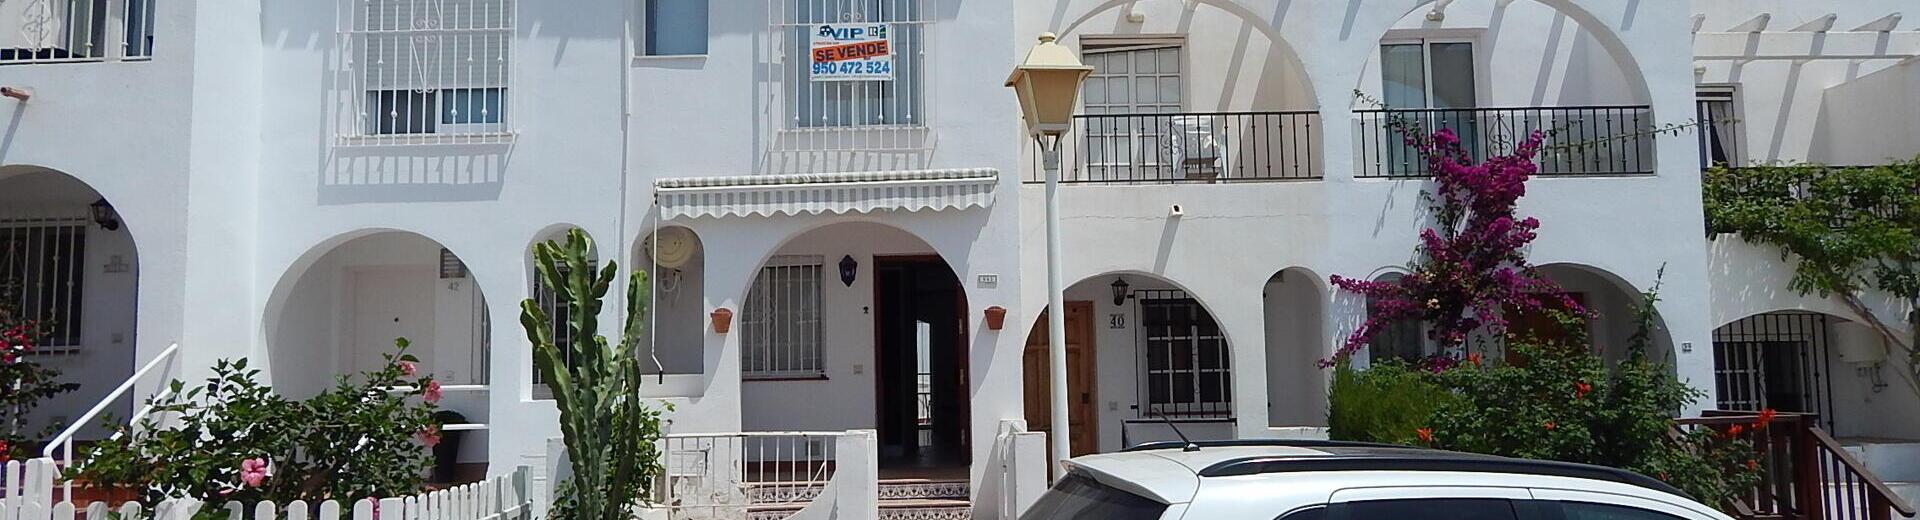 VIP7427: Maison de Ville à vendre